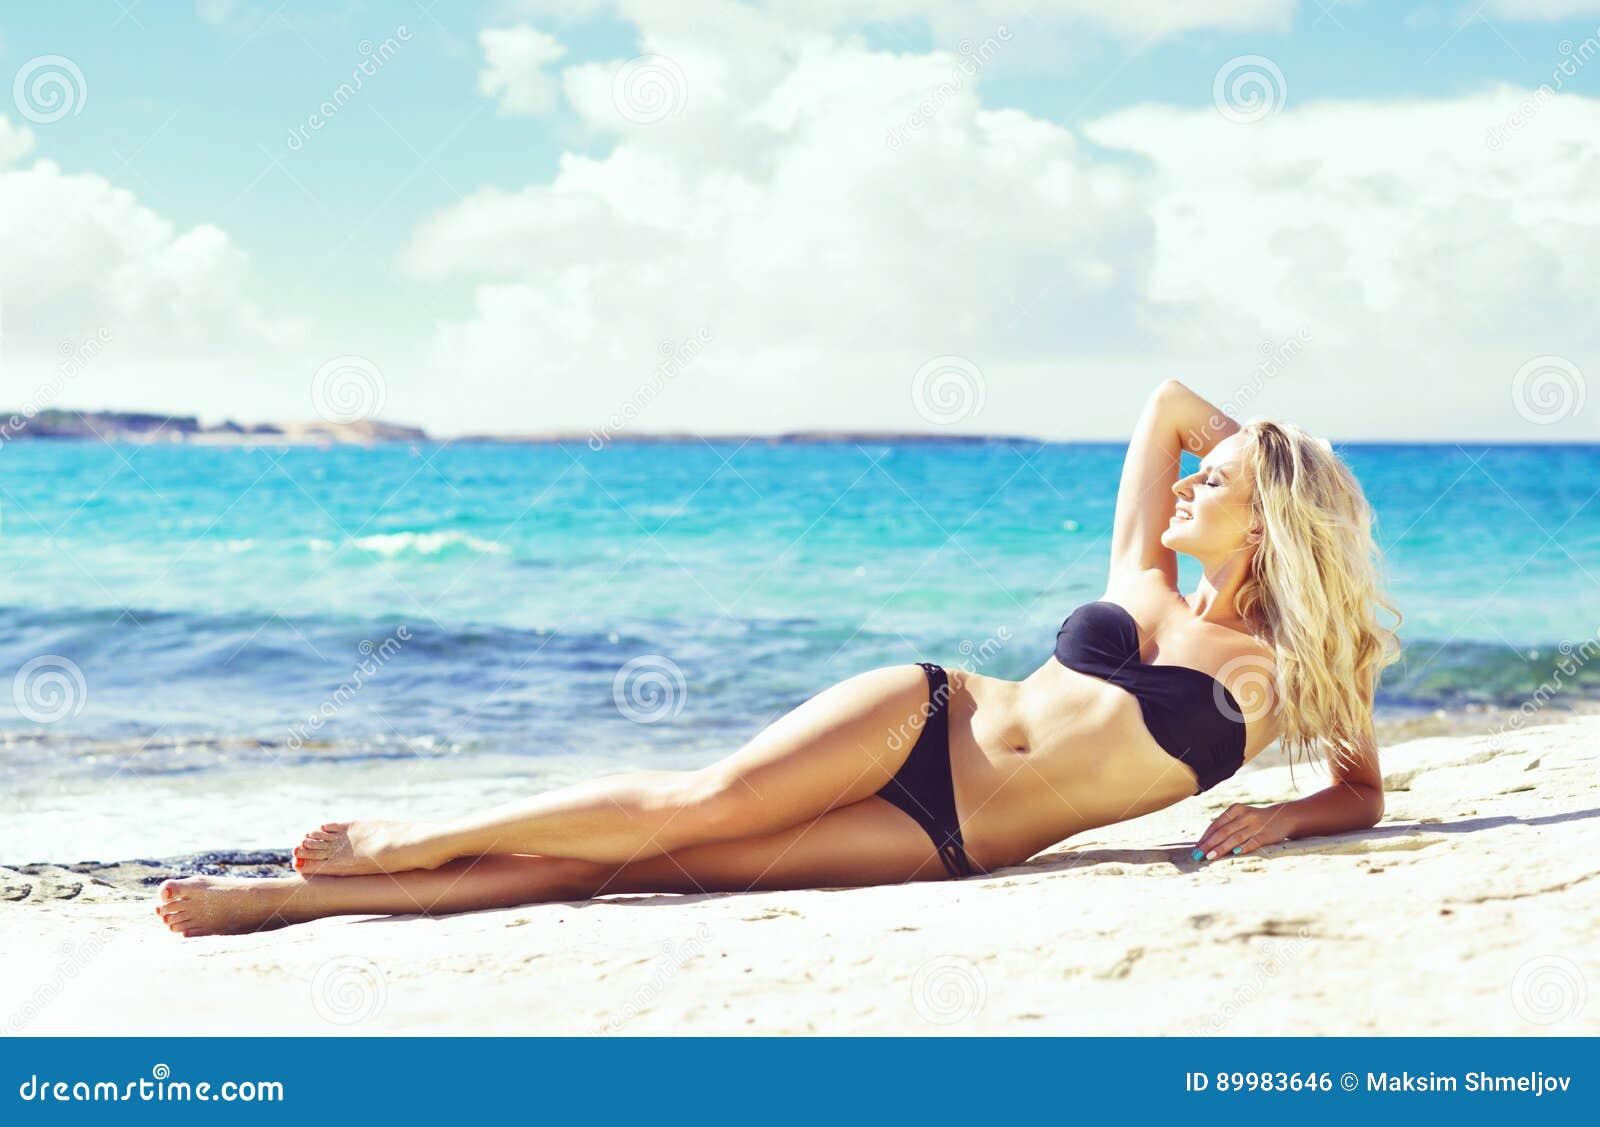 8a904b1e3e Beautiful Woman In Black Bikini. Young And Sporty Girl Posing On ...